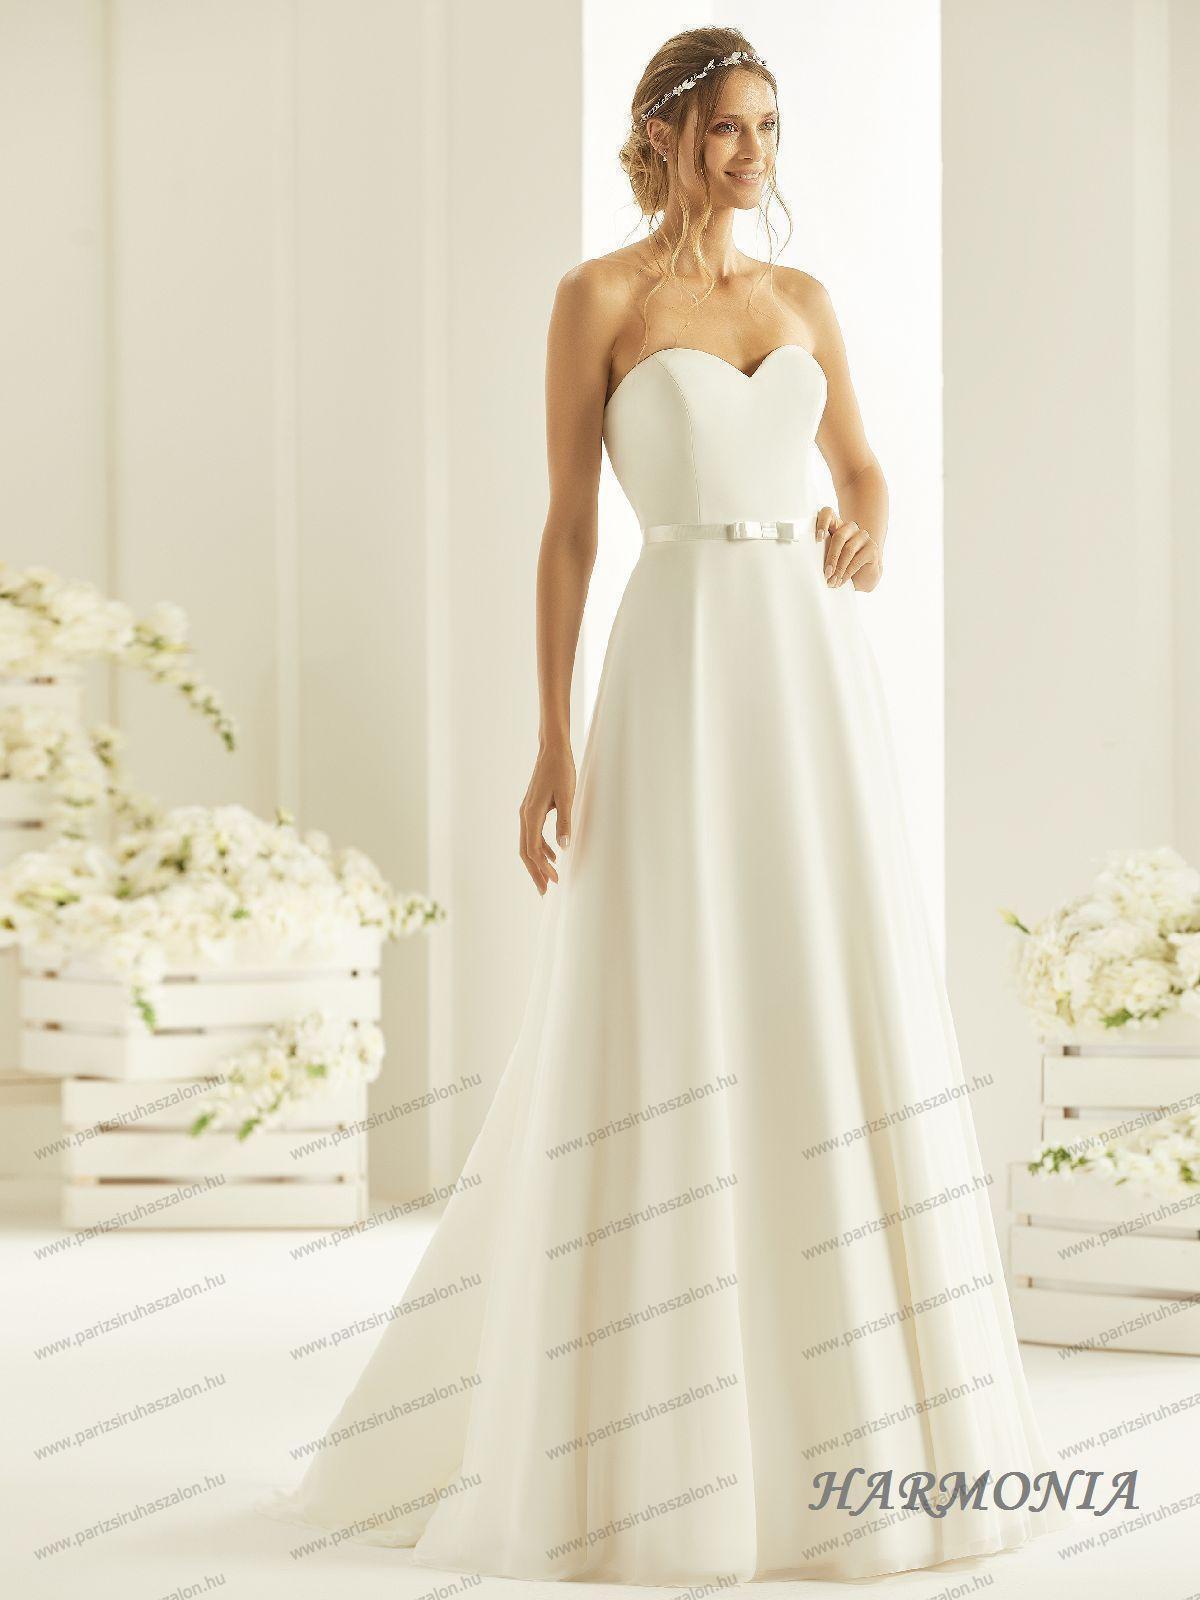 dadcc58162 HARMONIA menyasszonyi ruha 3XL, 4XL, 5XL. | BIANCO EVENTO német hosszú, és  rövid menyasszonyi ruhák. (cikkszám: HARMONIA menyasszonyi ruha)